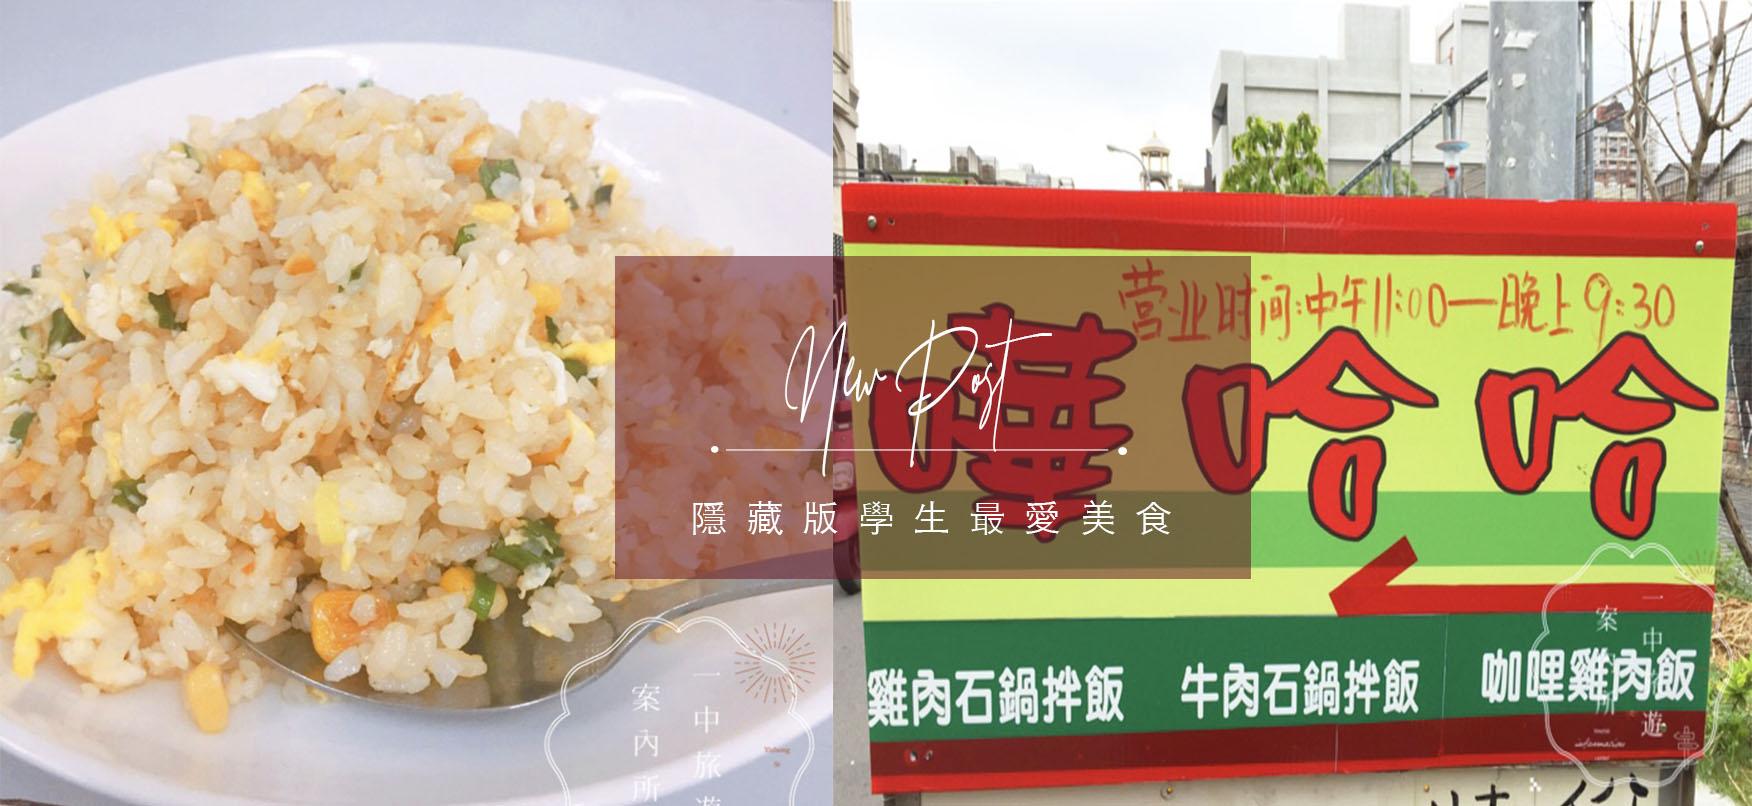 嘩哈哈|巷弄間的美食小確幸!簡單的美味,不簡單的幸福